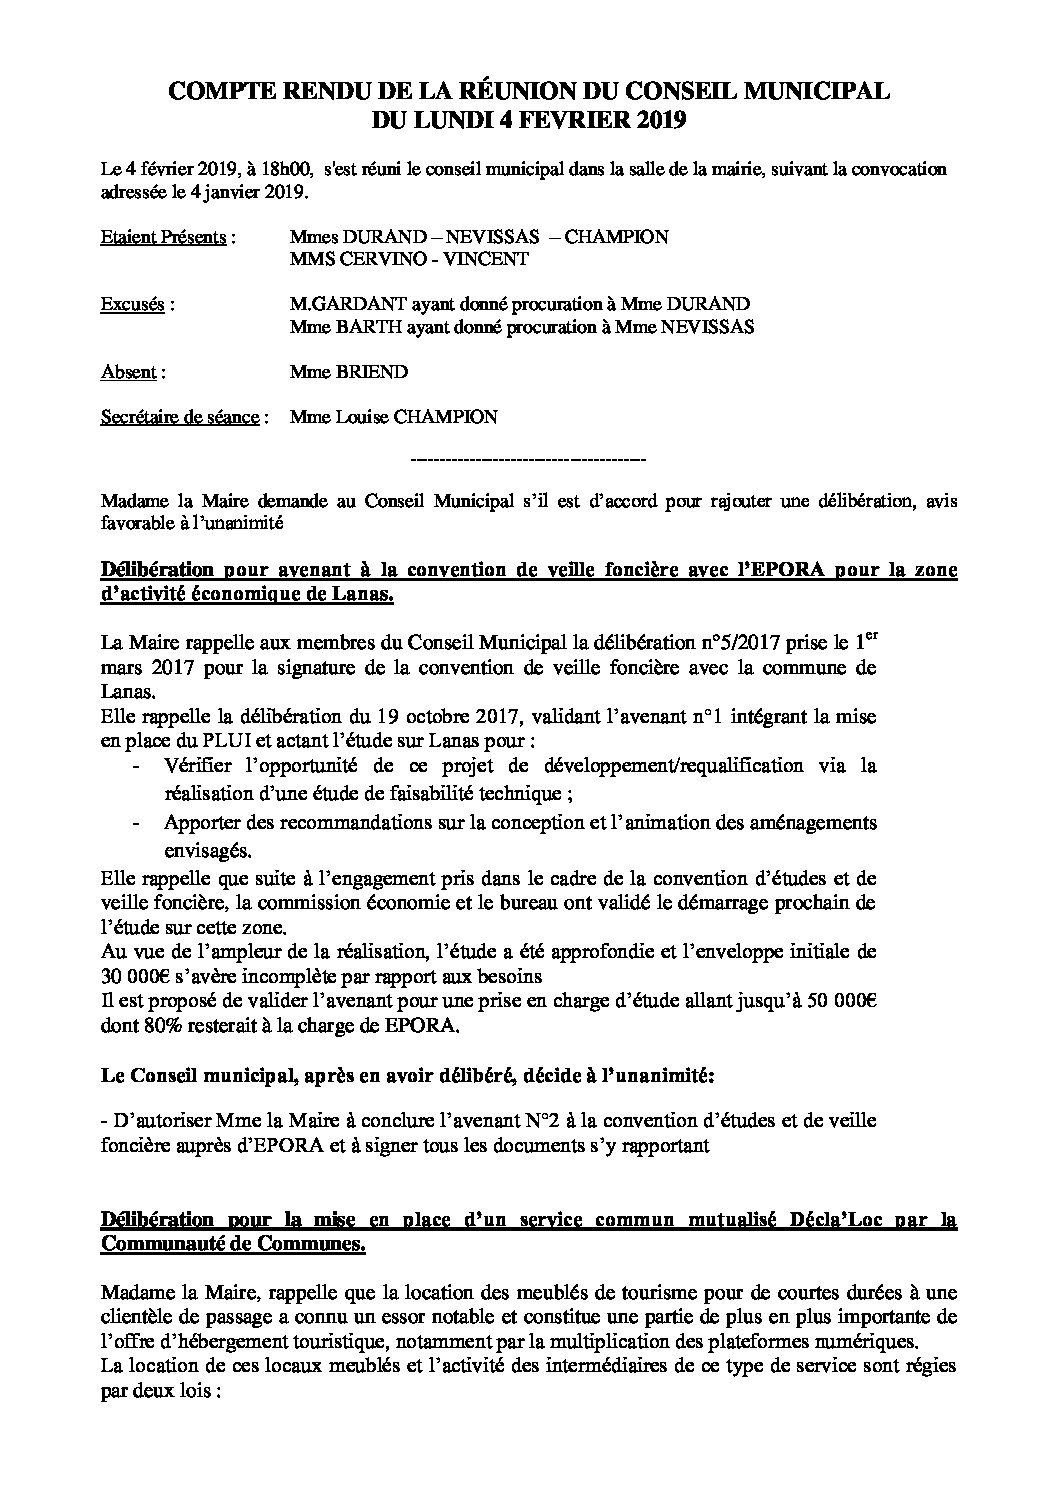 Conseil municipal du 4 février 2019